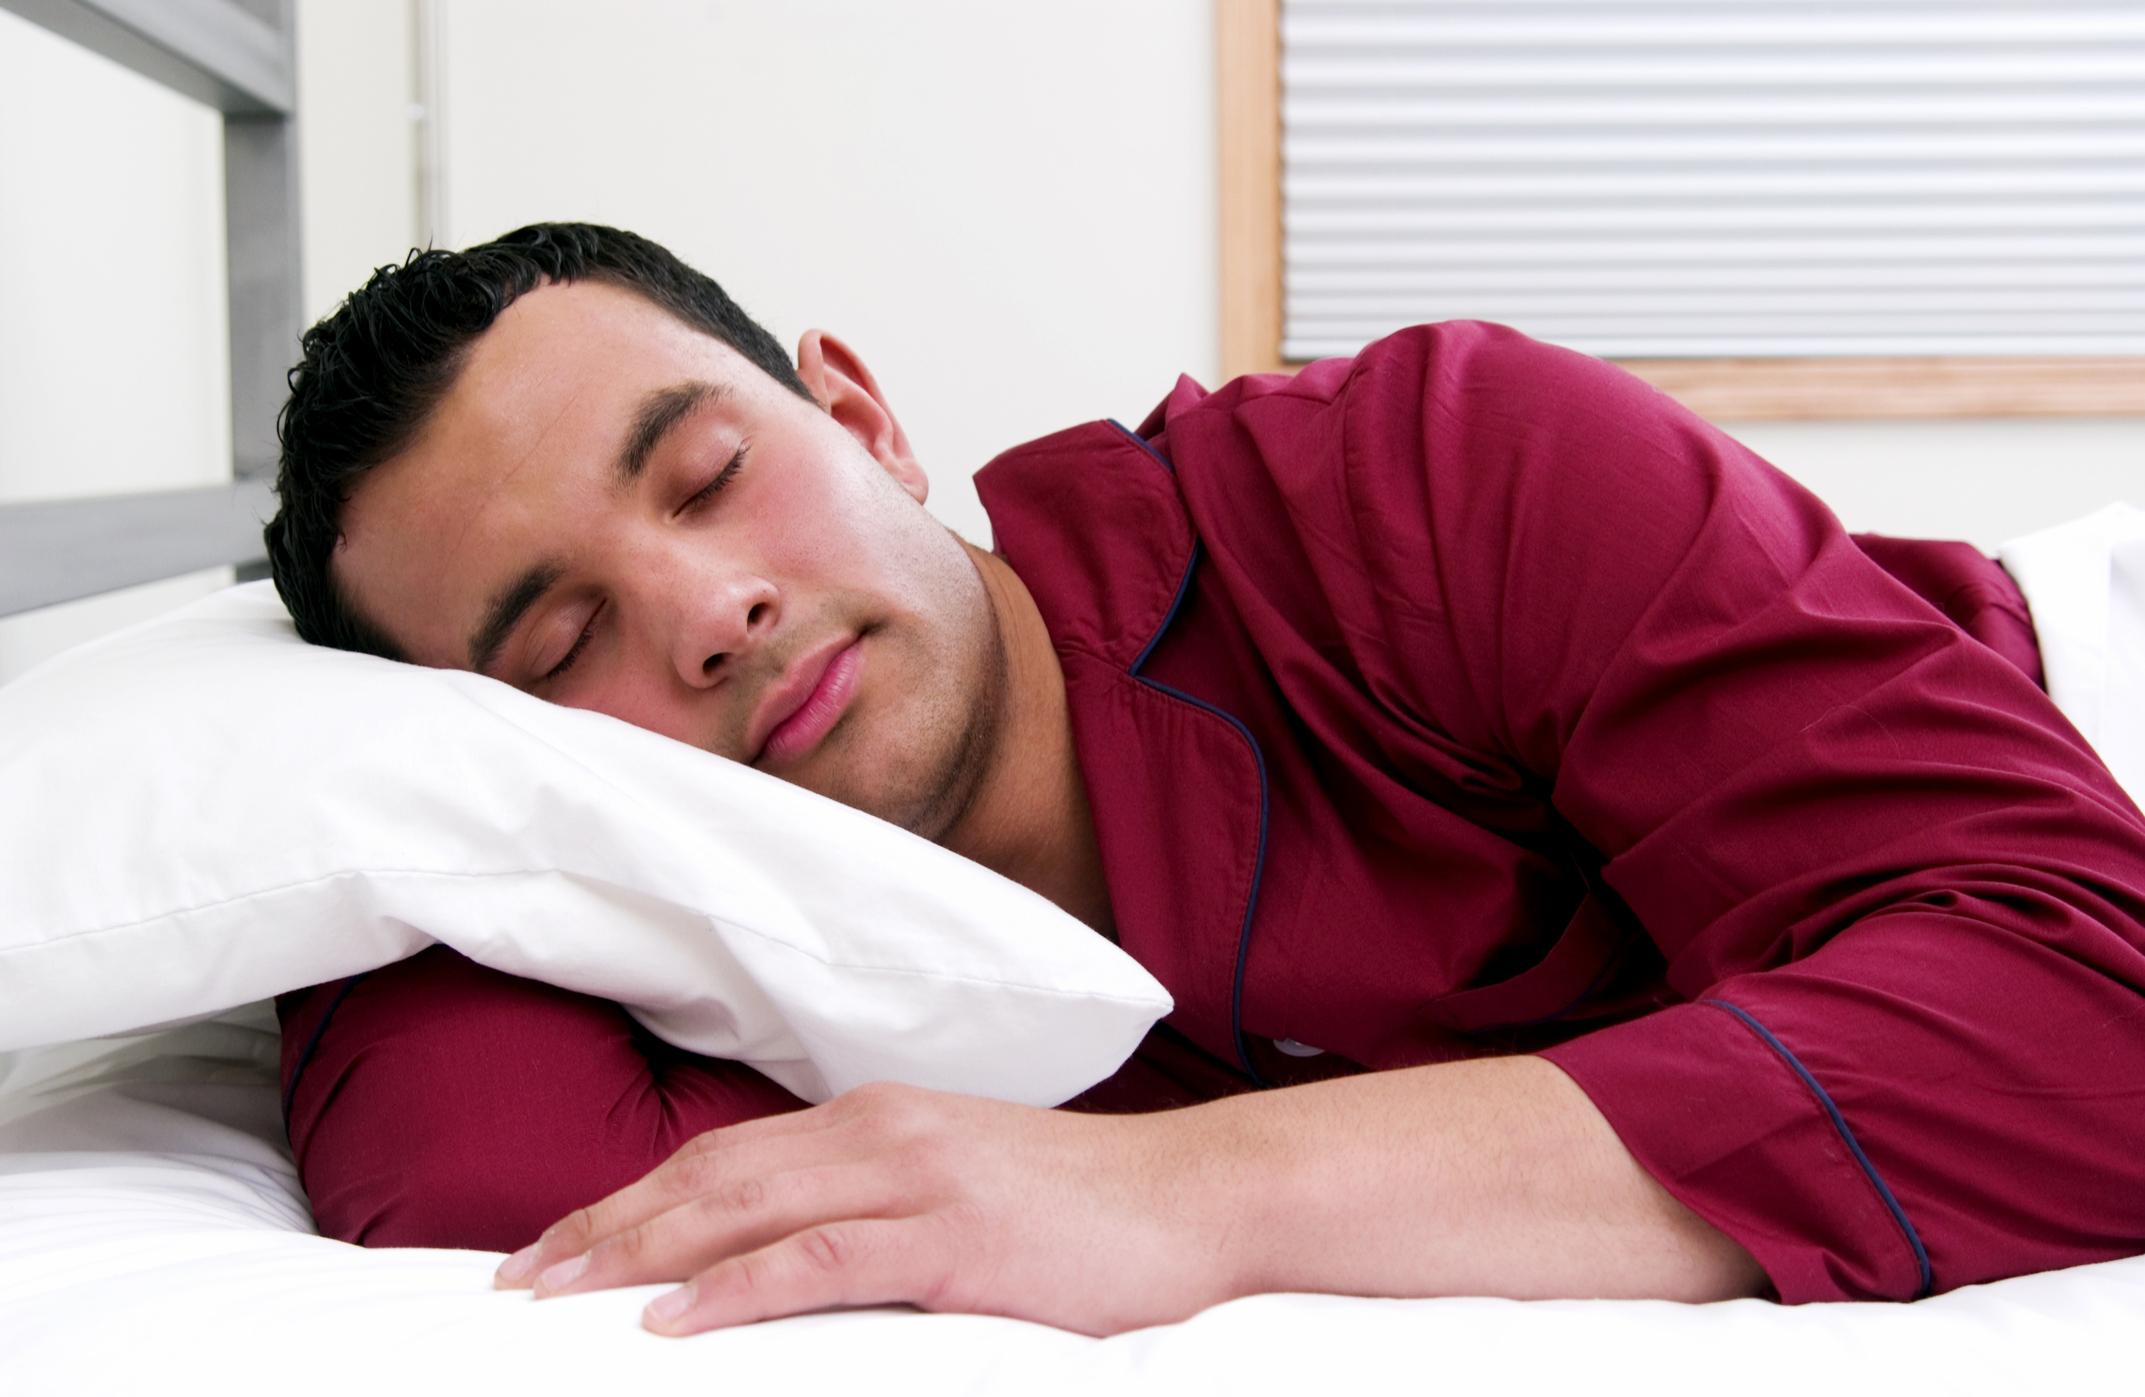 Спете. Добрият сън помага на тялото. Липсата на сън може да се отрази върху теглото ви и взаимоотношенията ви с хората. Добрият сън помага и да научавате по-лесно нови неща.